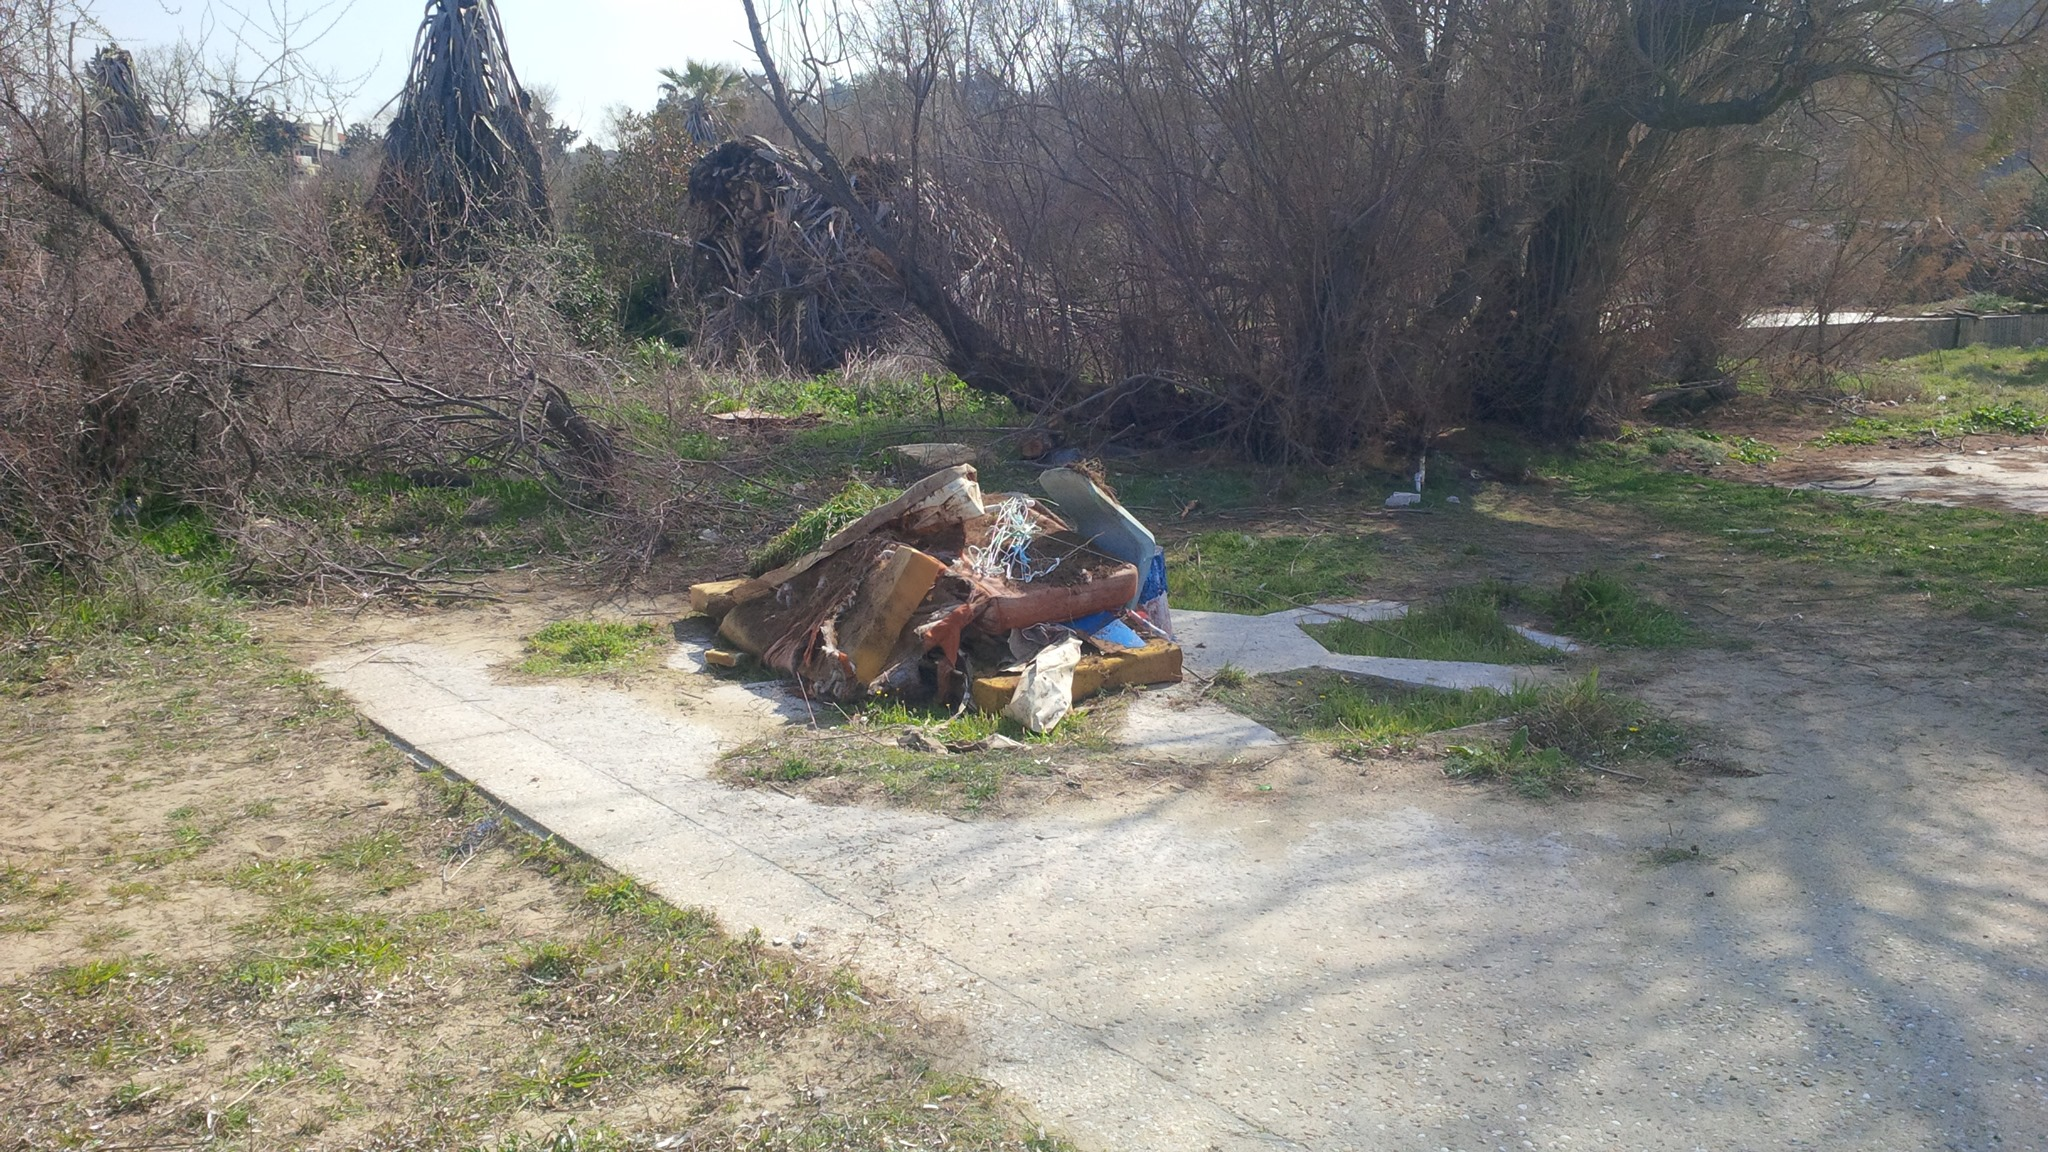 ΤΩΡΑ: Εθελοντική δράση καθαρισμού σε Αγία Τριάδα- Αύριο στα Πάλιουρα